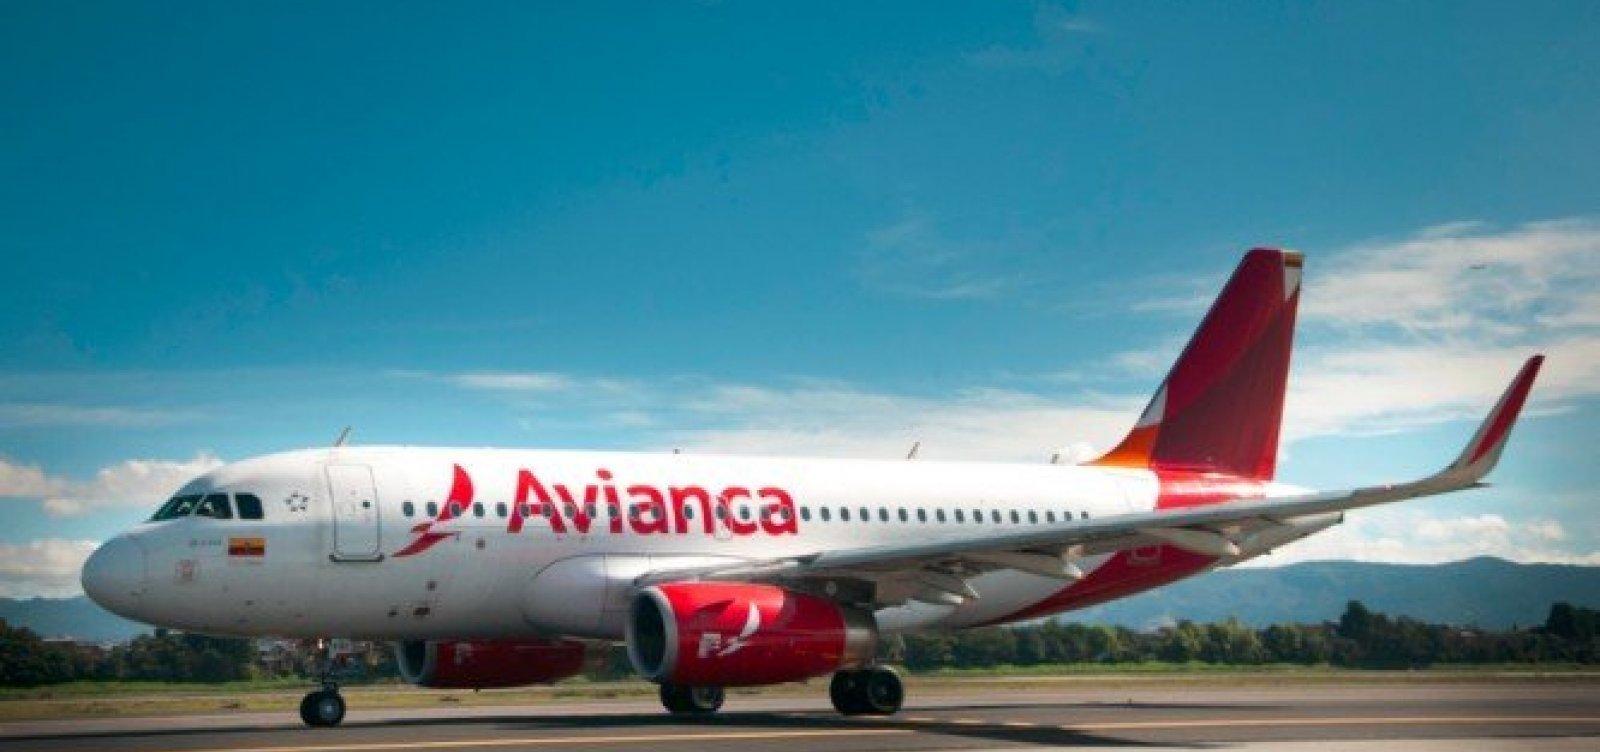 Credores aprovam plano de recuperação da Avianca Brasil